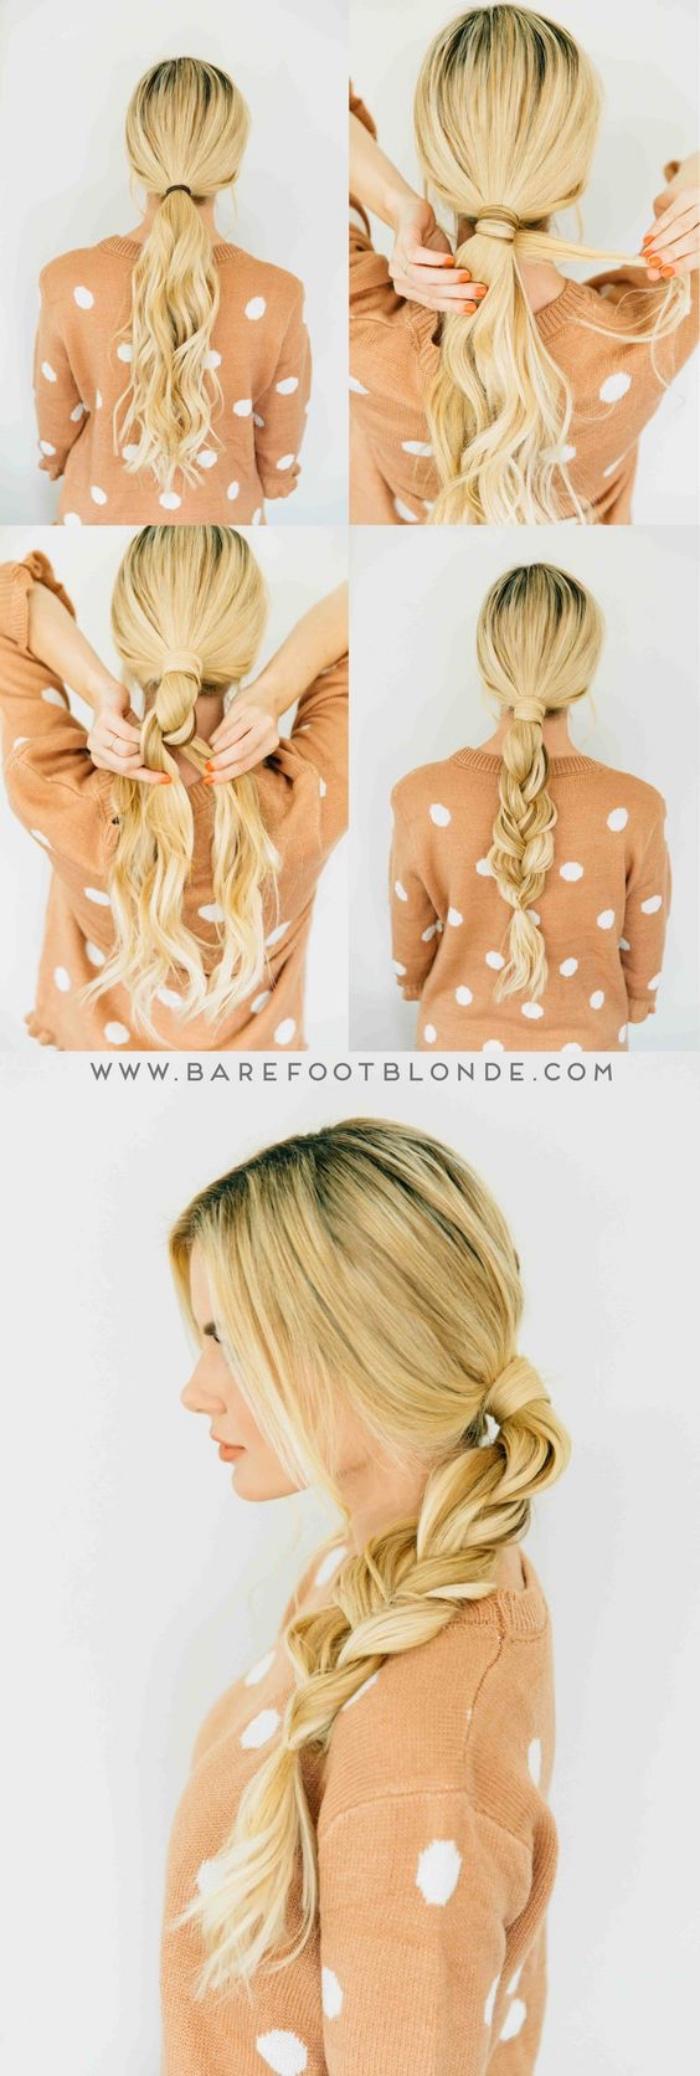 tuto coiffure queue de cheval tressée, coiffure cheveux longs blond, technique tressage simple et rapide